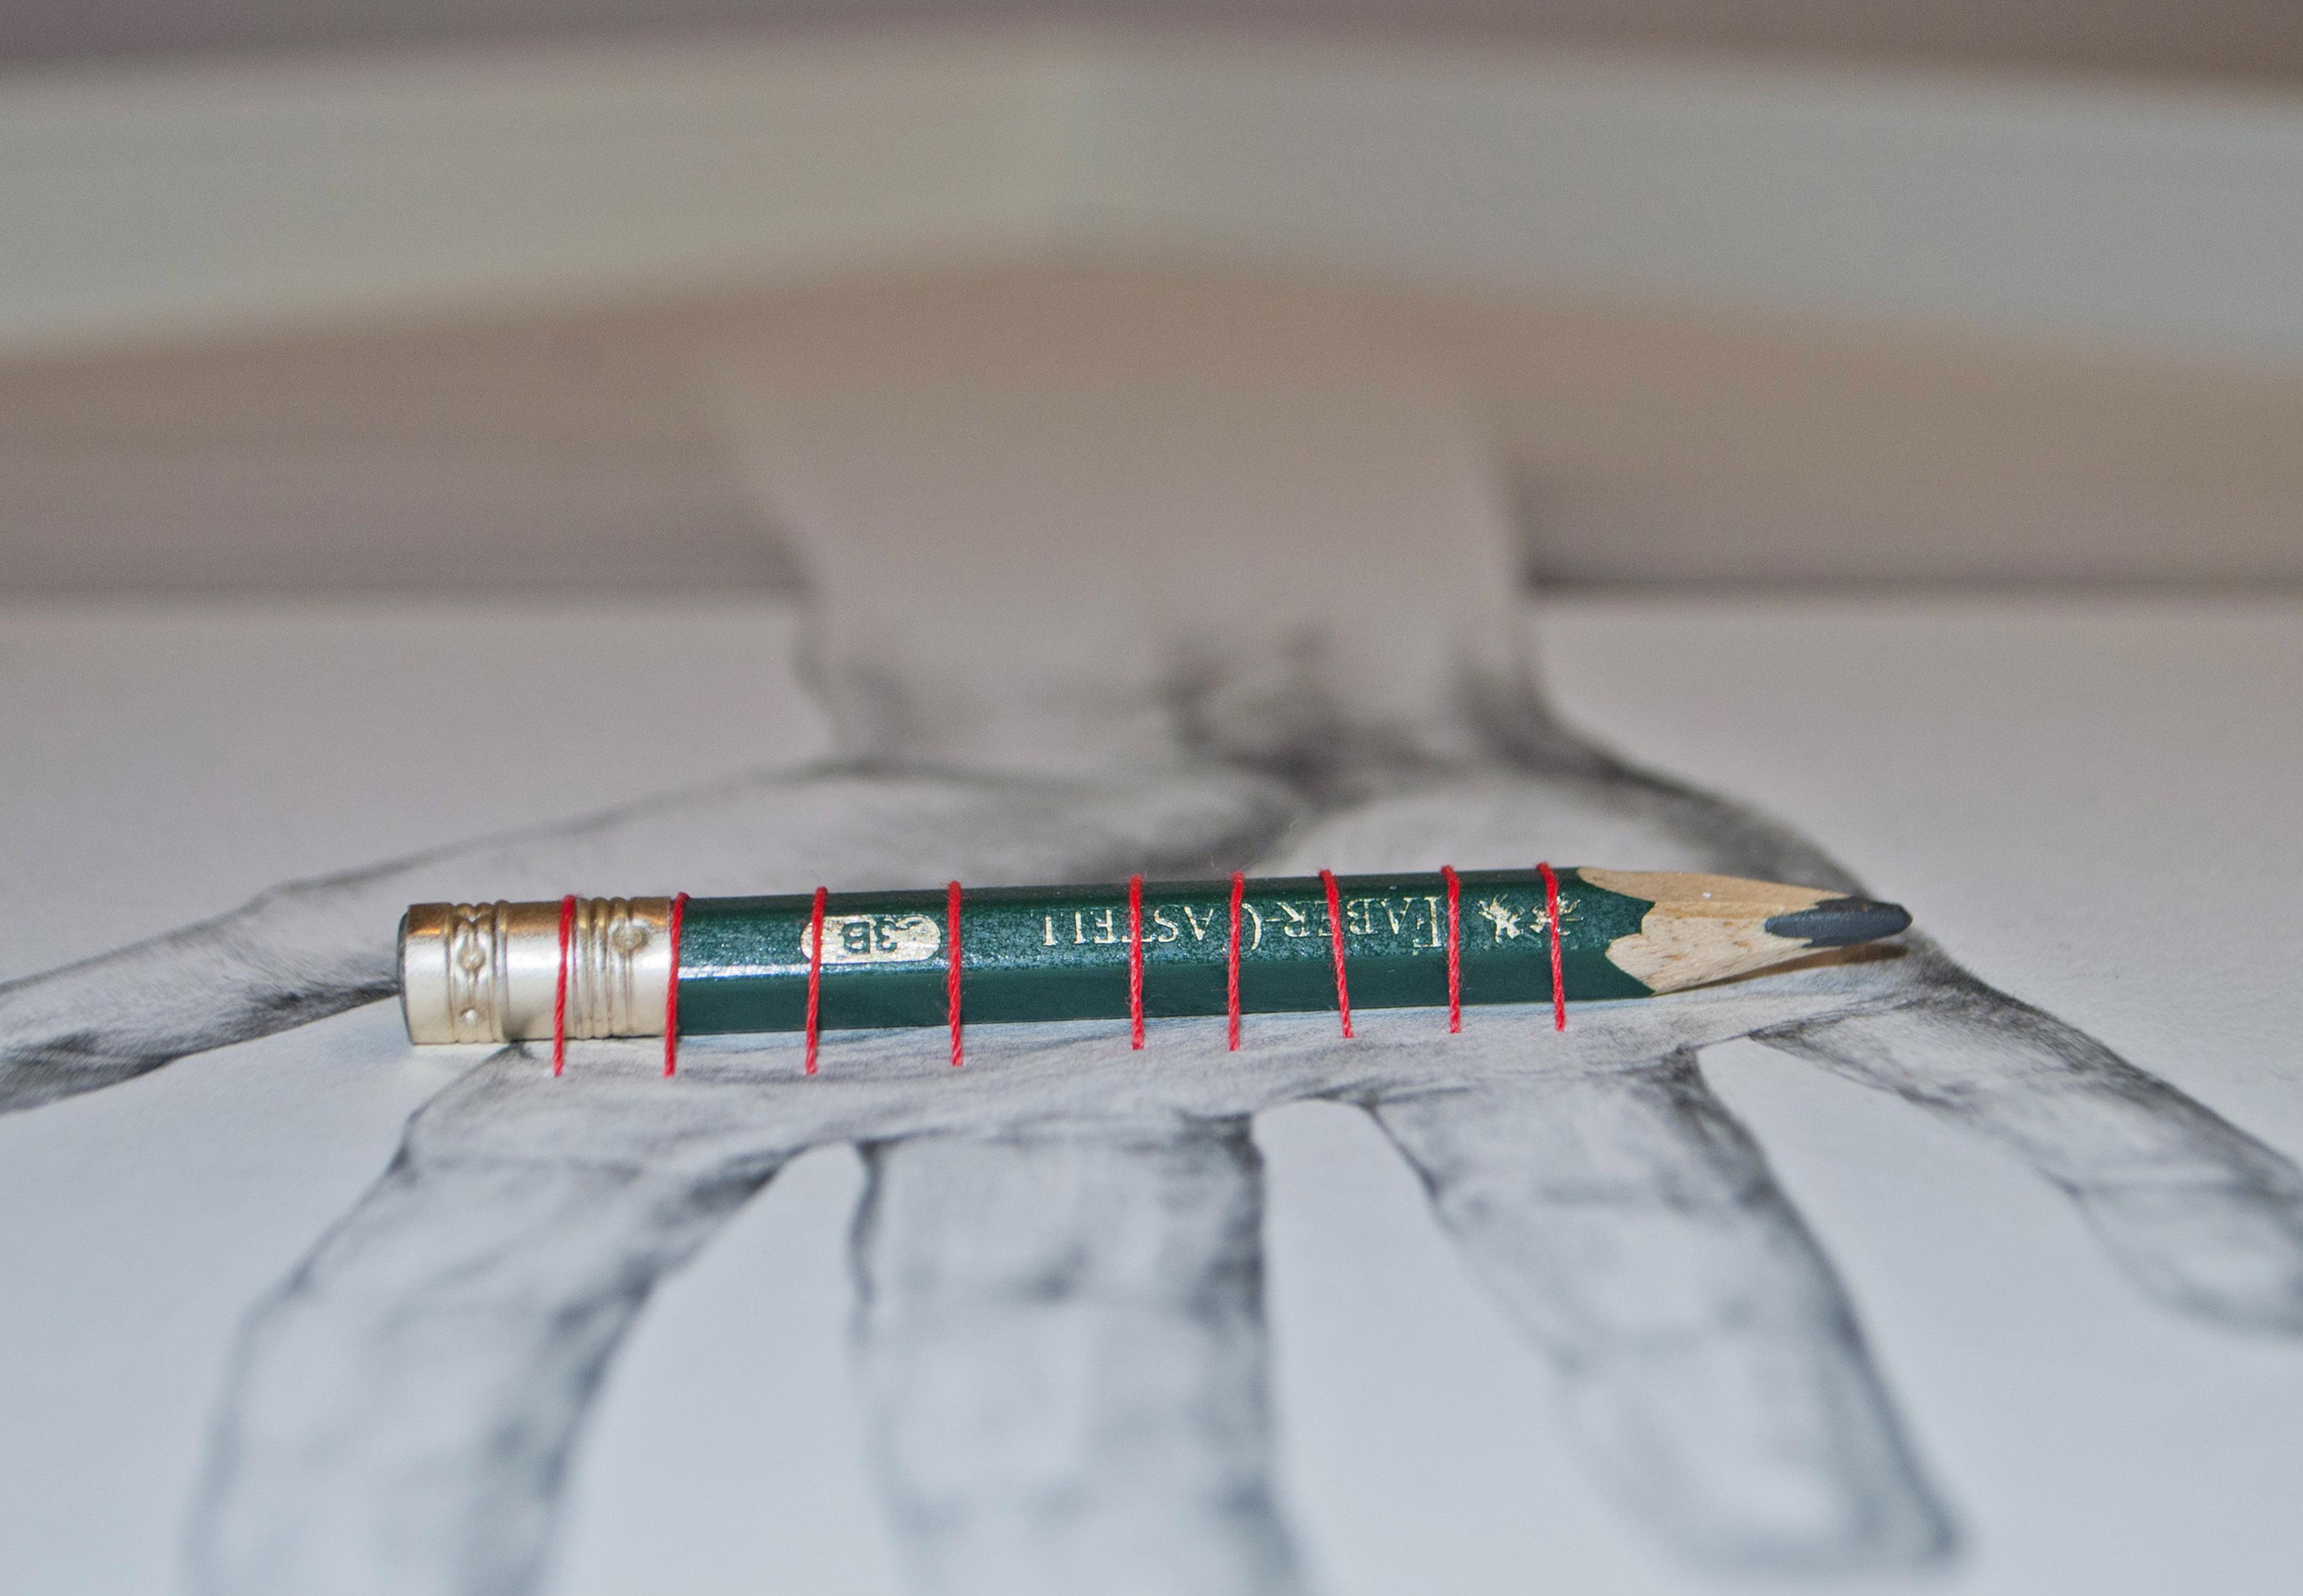 obra de arte con lapiz faber castell creada por giselle vitali